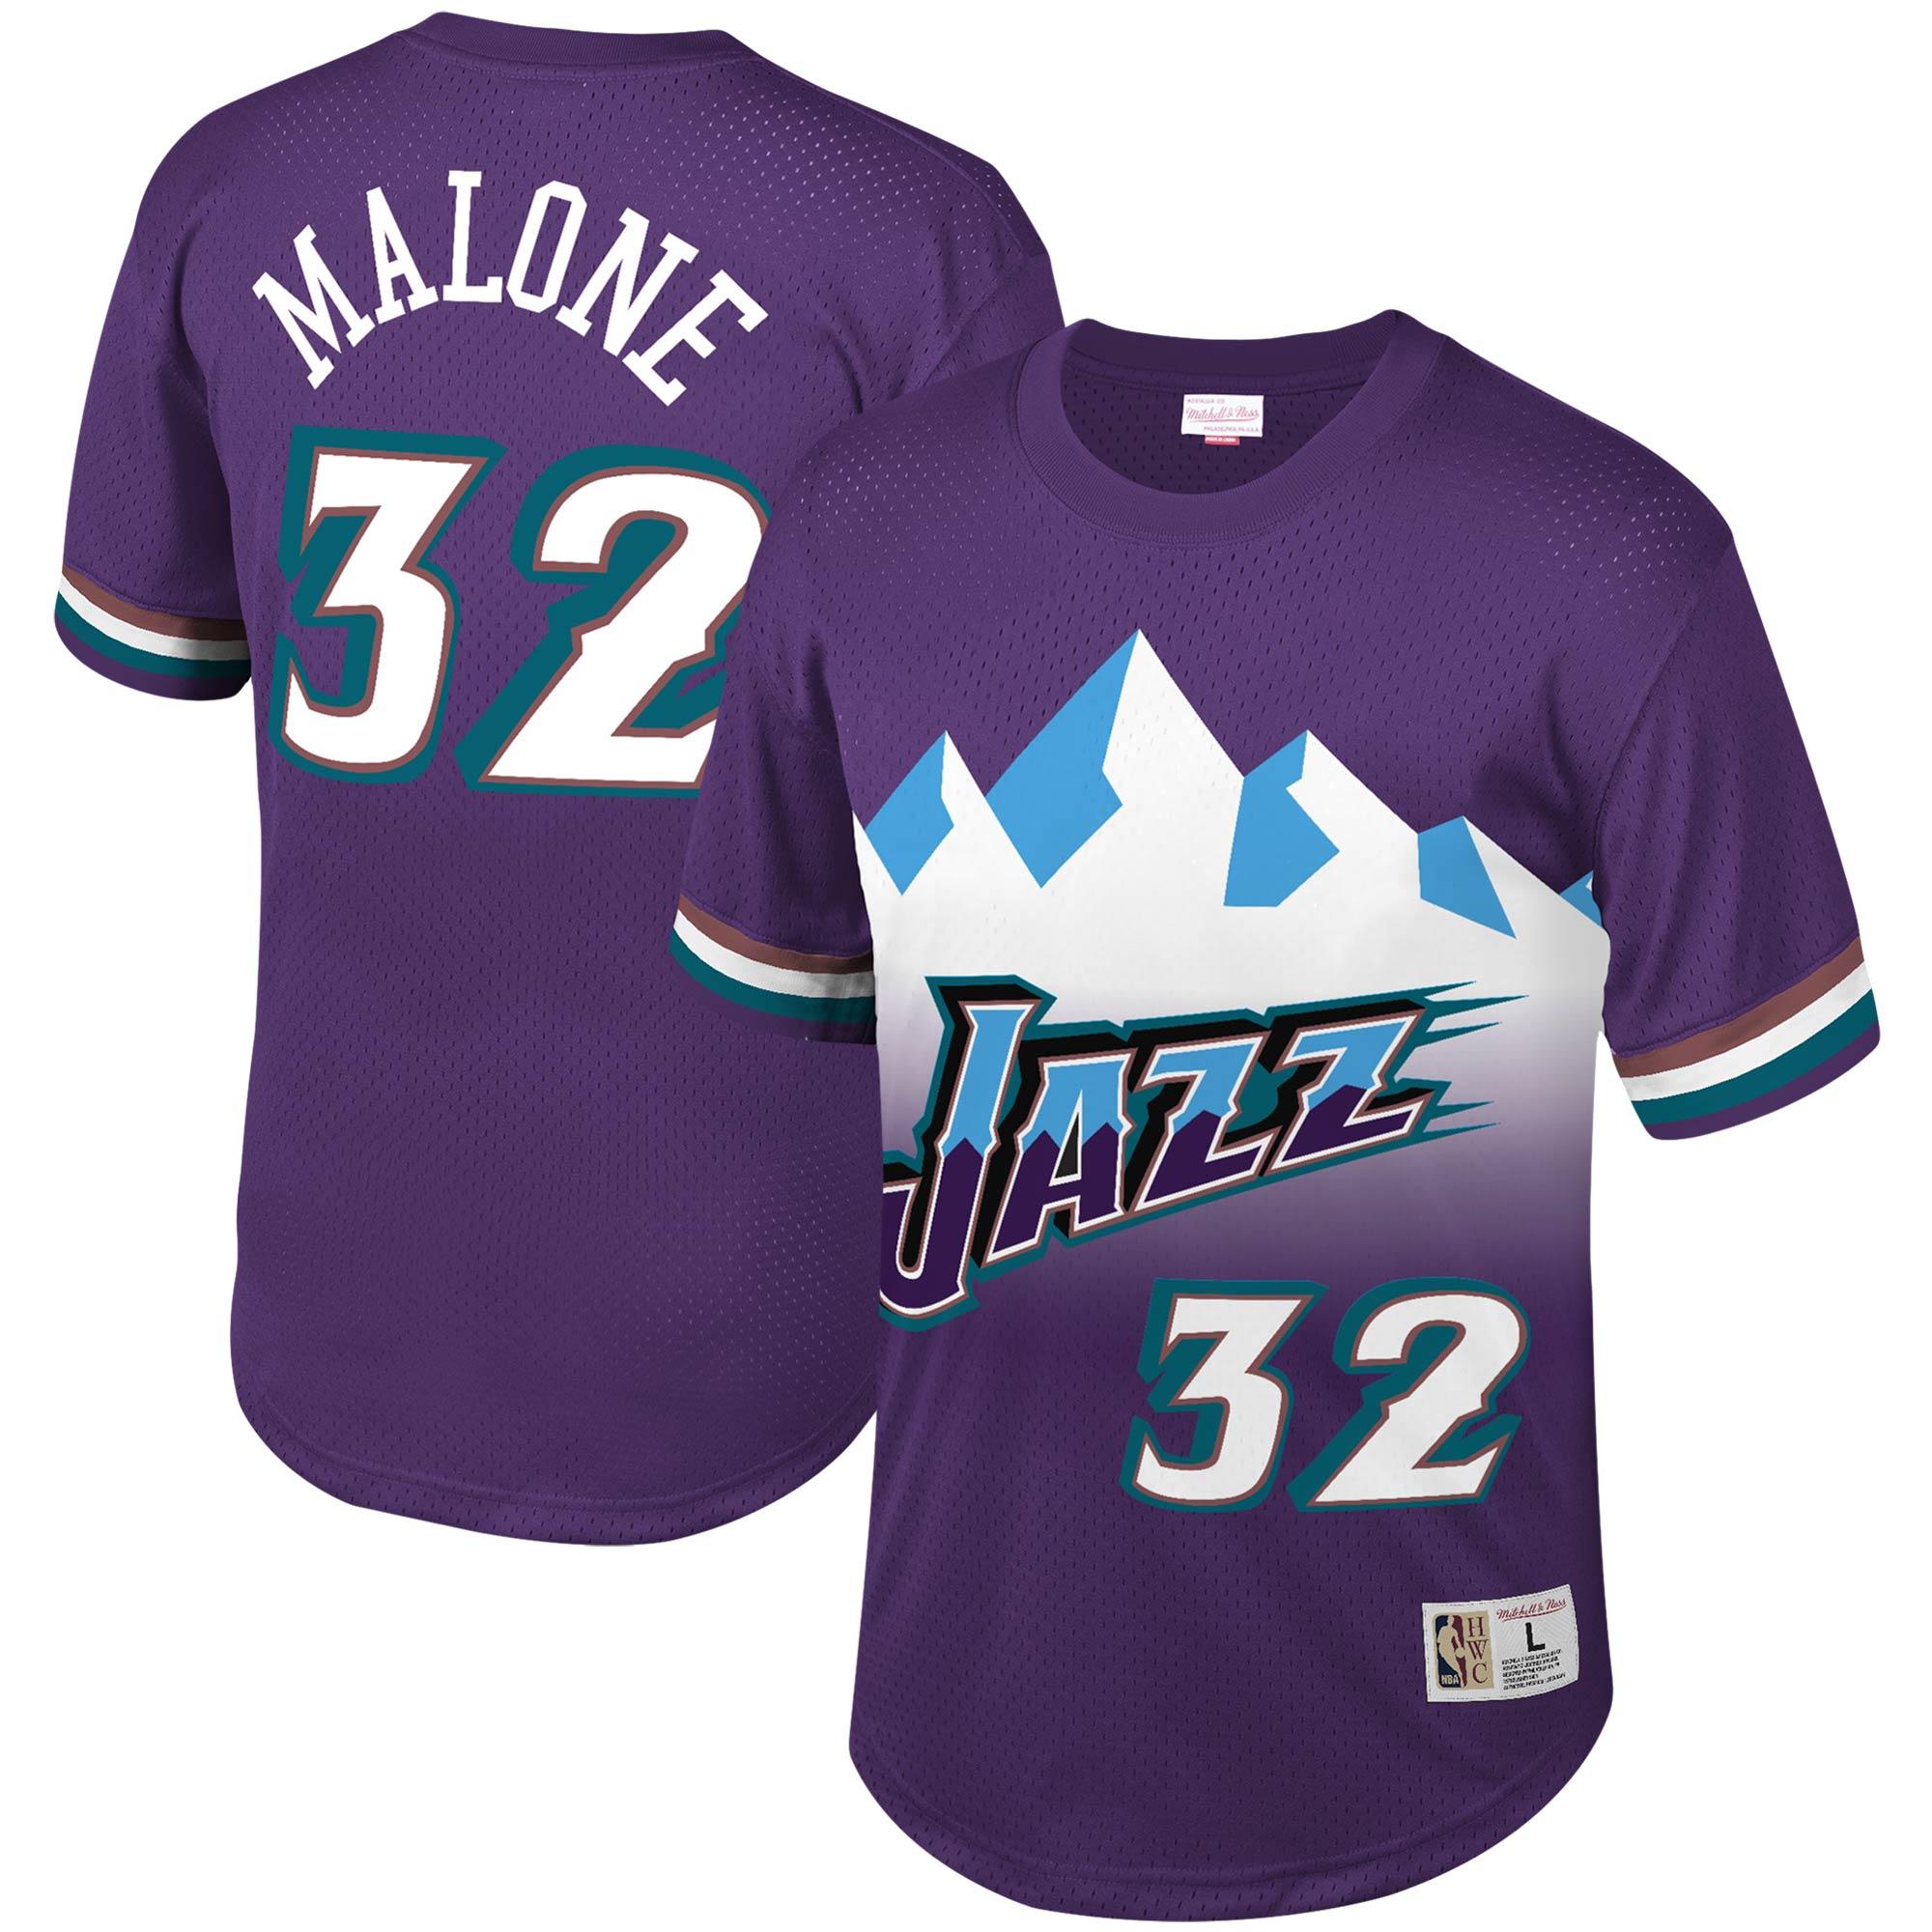 Karl Malone Utah Jazz Mitchell & Ness Mesh T-Shirt - Purple